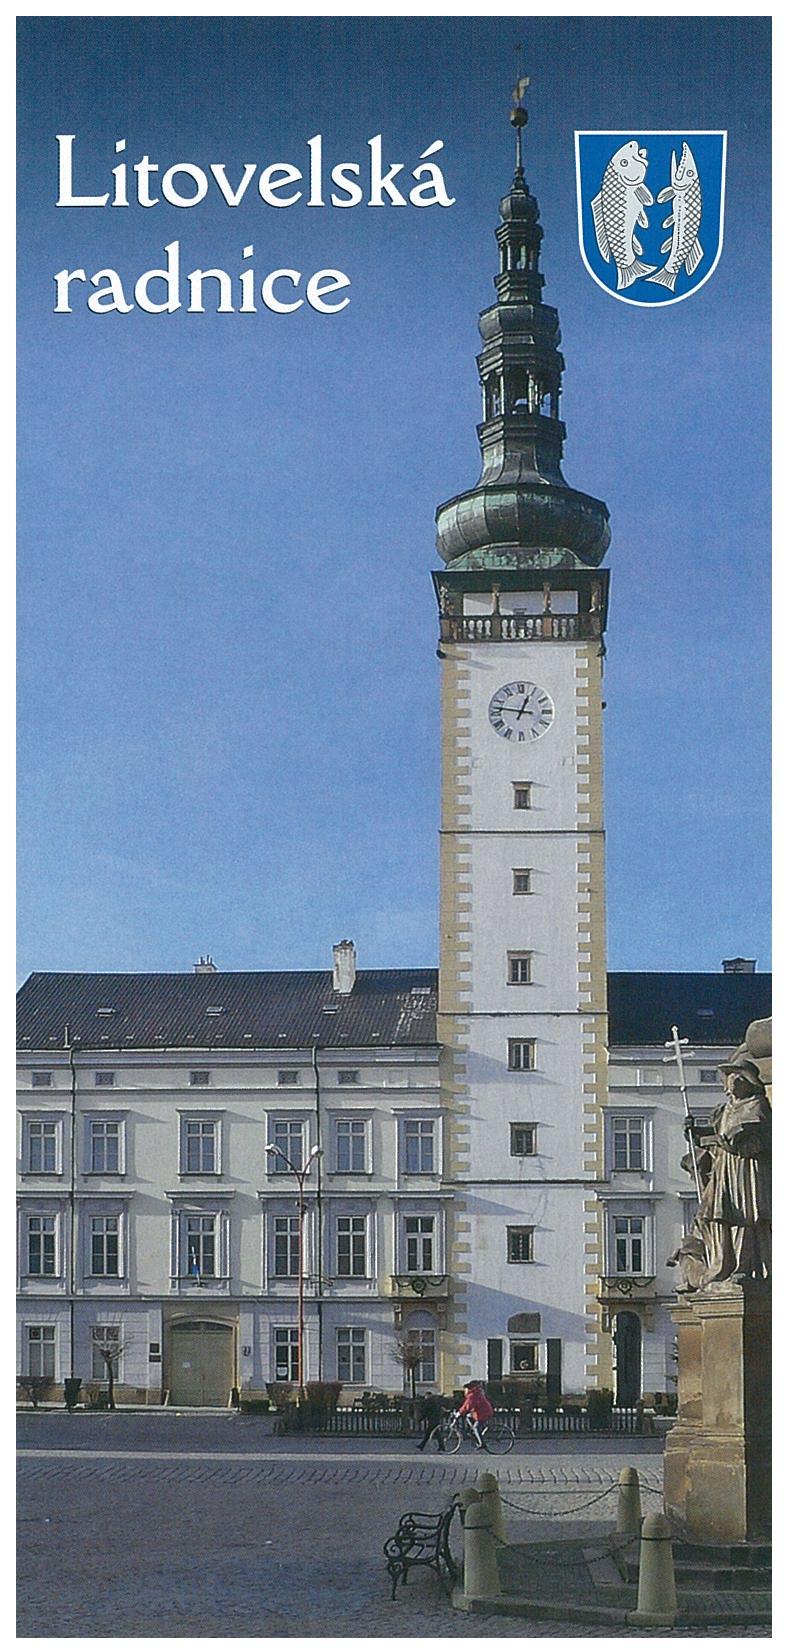 Litovelská radnice, obrázek se otevře v novém okně